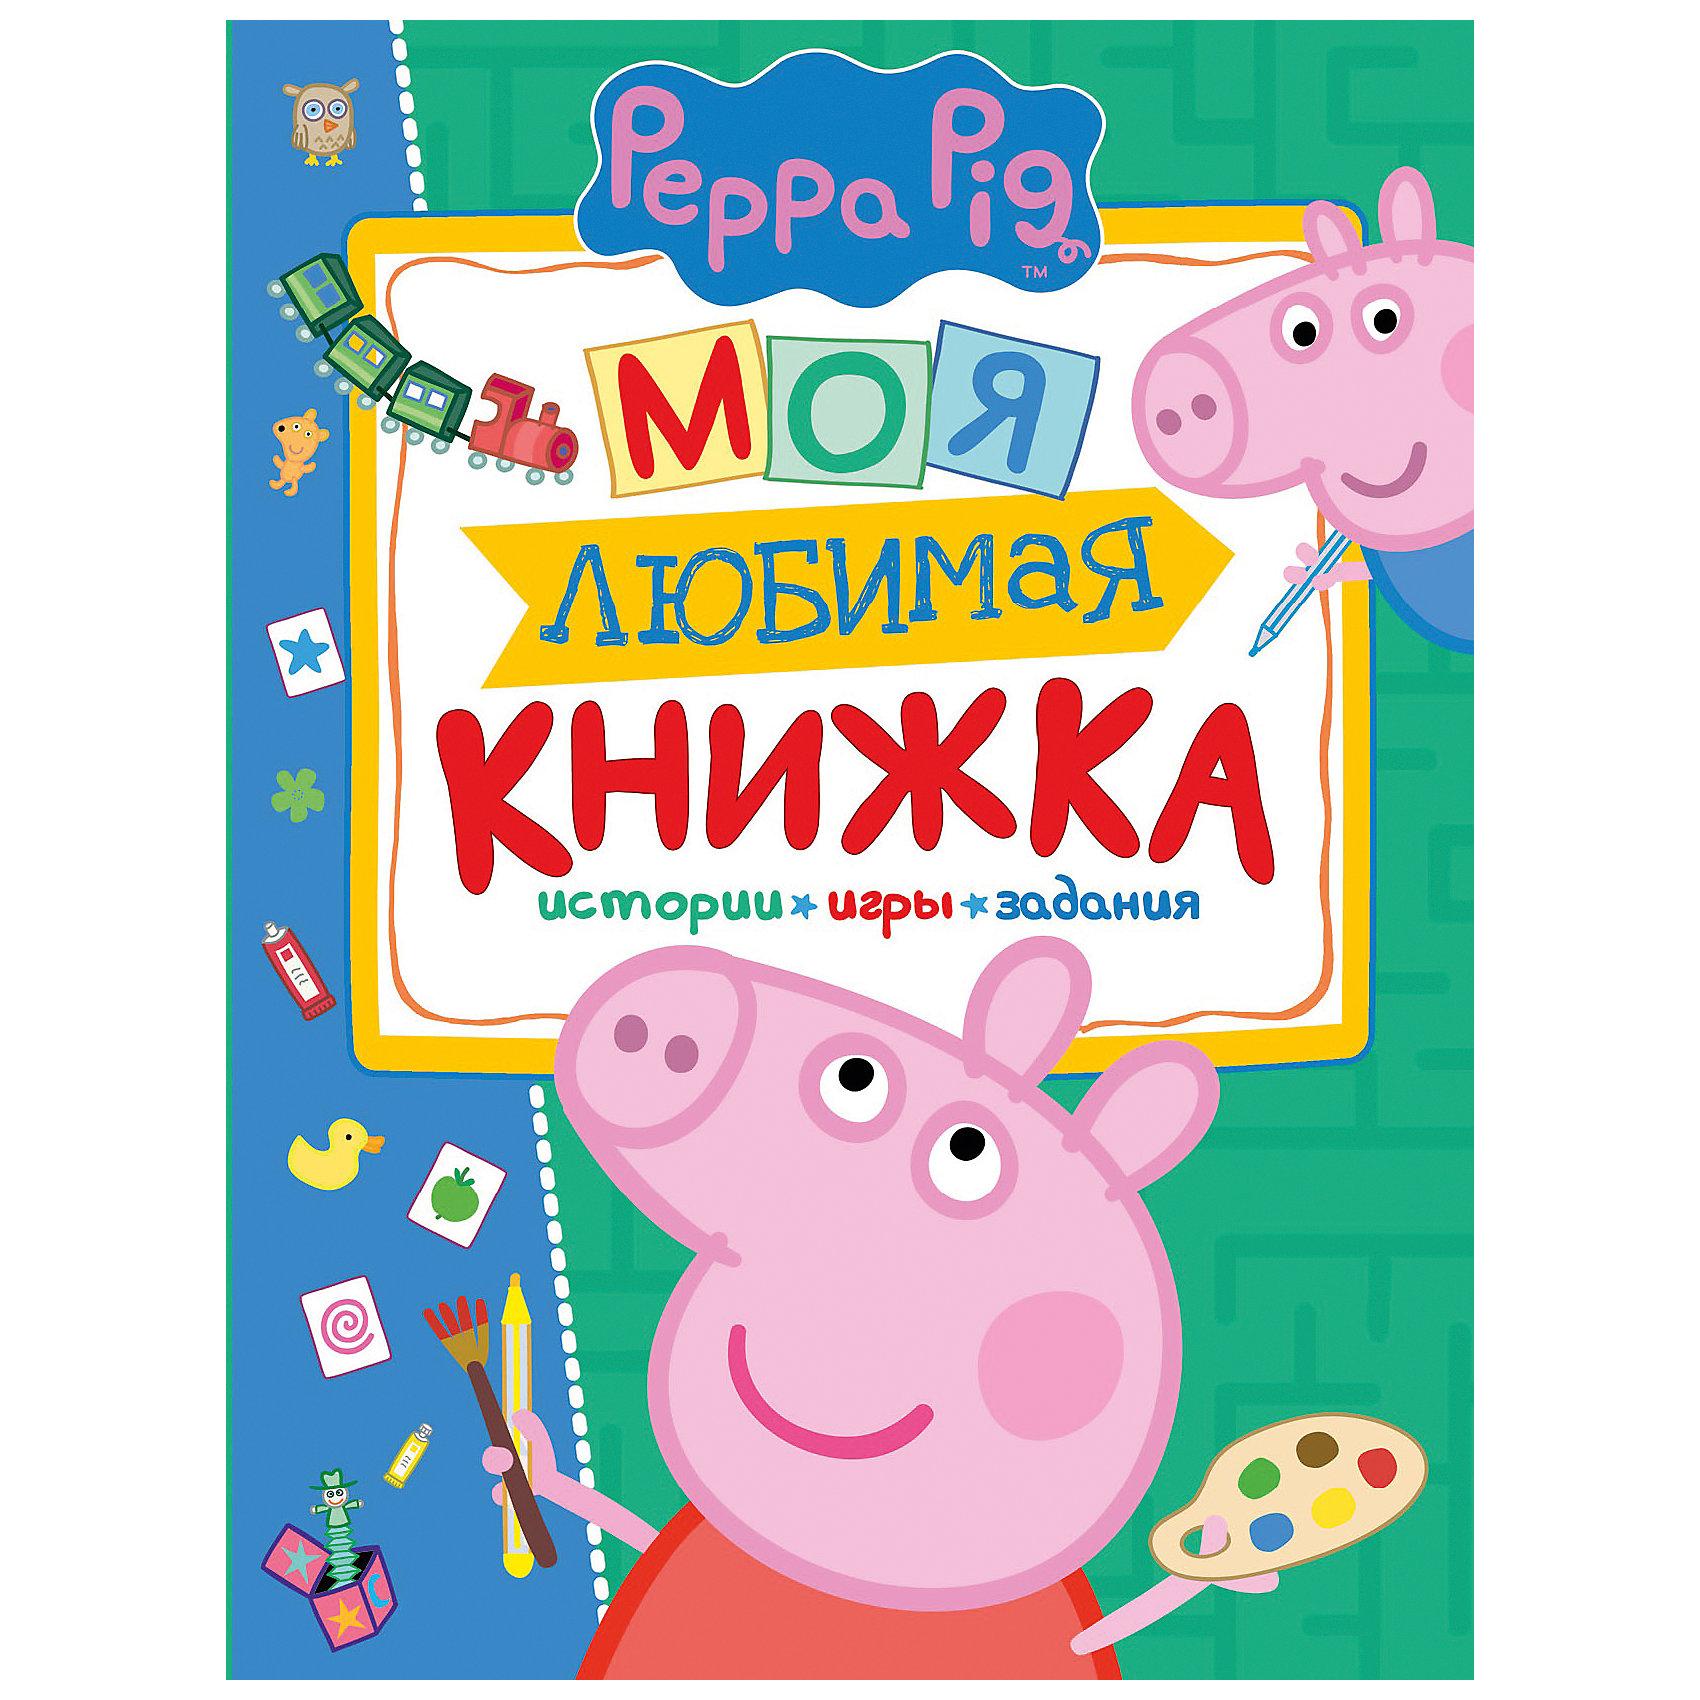 Моя любимая книжка Свинка ПеппаКниги по фильмам и мультфильмам<br>Моя любимая книжка Свинка Пеппа - это красочно оформленная книга с головоломками, заданиями и интересными историями.<br>На страницах этой книги ваш малыш сможет поиграть вместе с героиней любимого мультфильма! Малышу будет интересно разглядывать рисунки в книге, где на каждой странице спрятаны предметы, которые нужно найти. Можно пофантазировать и сочинить историю о приключениях Свинки Пеппы и её друзей. Играя с красочной книжкой, ребенок будет развивать усидчивость, внимательность, зрительное восприятие, речь.<br><br>Дополнительная информация:<br><br>- Редактор: Смилевска Л.<br>- Издательство: Росмэн<br>- Тип обложки: твердый переплет<br>- Иллюстрации: цветные<br>- Количество страниц: 128<br>- Размер: 283 х 218 x 12 мм.<br>- Вес: 583 гр.<br><br>Книгу Моя любимая книжка Свинка Пеппа можно купить в нашем интернет-магазине.<br><br>Ширина мм: 283<br>Глубина мм: 218<br>Высота мм: 12<br>Вес г: 583<br>Возраст от месяцев: 36<br>Возраст до месяцев: 60<br>Пол: Унисекс<br>Возраст: Детский<br>SKU: 4602287